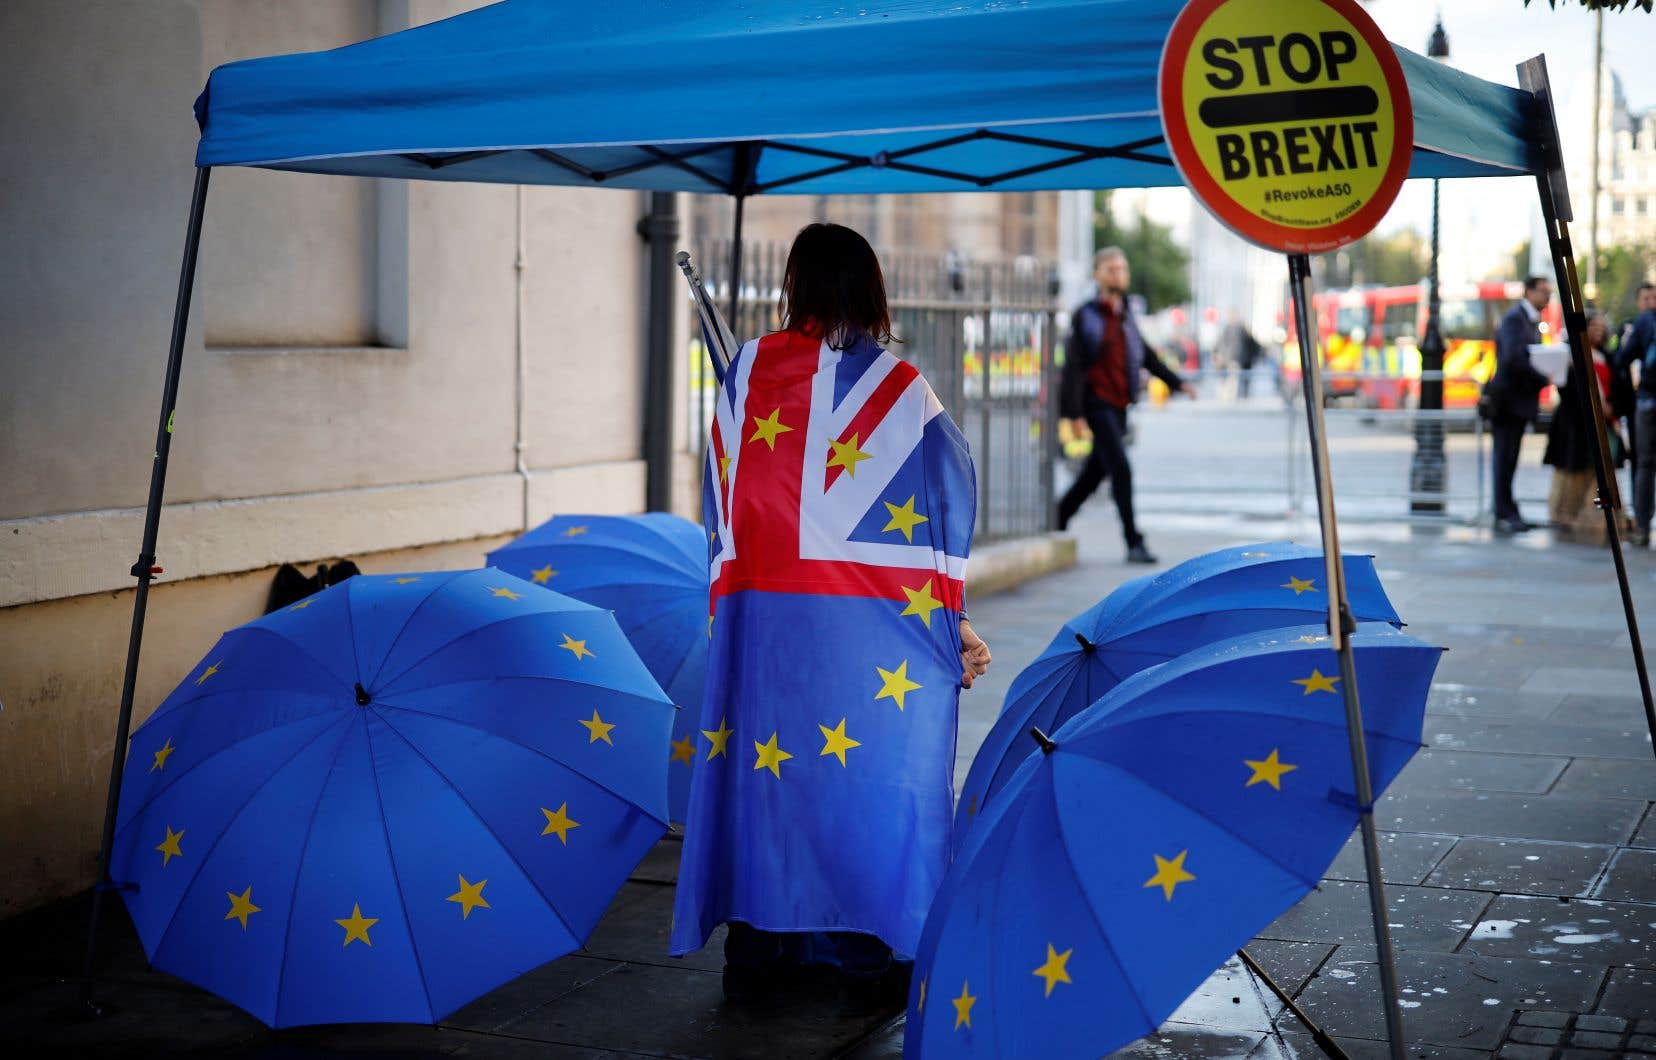 À peine 20% des Britanniques sont favorables à une sortie de l'Europe avec l'accord de Boris Johnson, selon un sondage publié vendredi.